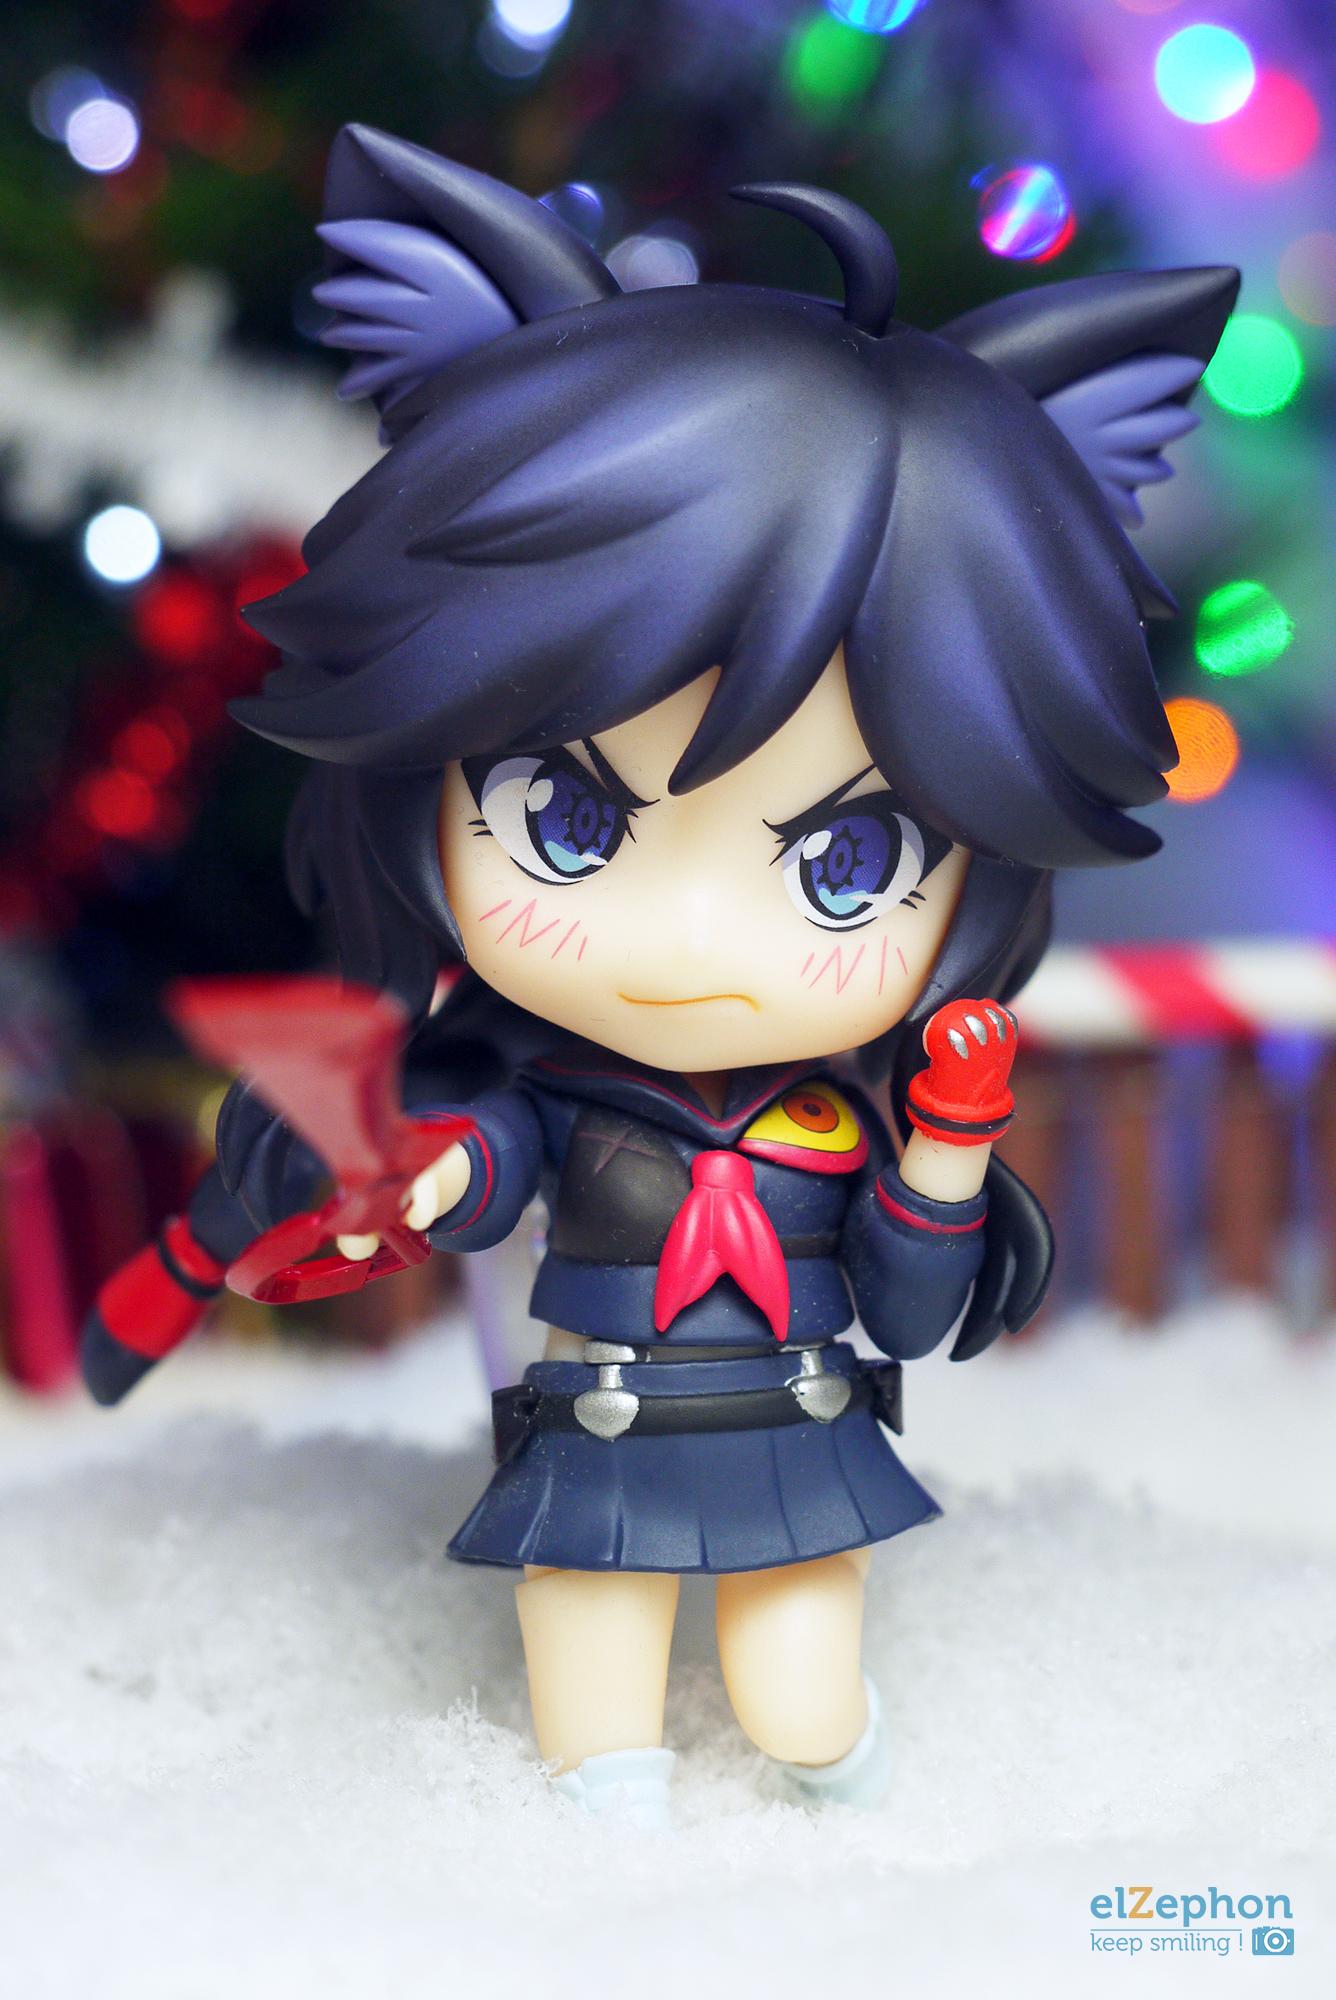 nendoroid good_smile_company trigger nendoron nakashima_kazuki league_of_legends shichibee kill_la_kill sasaki_kai matoi_ryuuko senketsu ahri riot_games